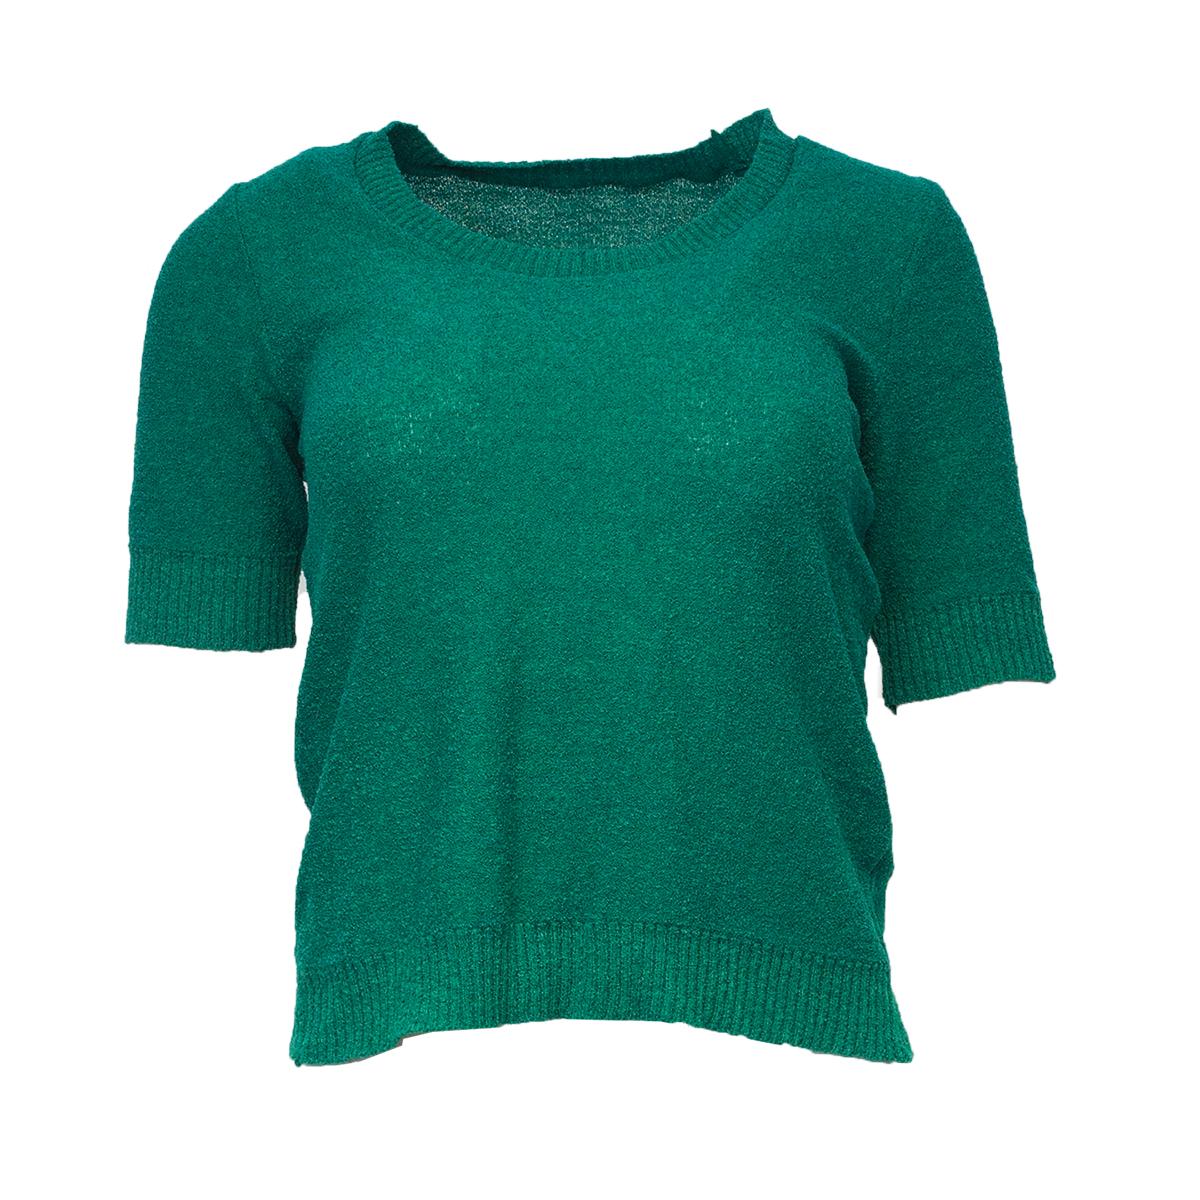 Vihreä neulottu paita - S